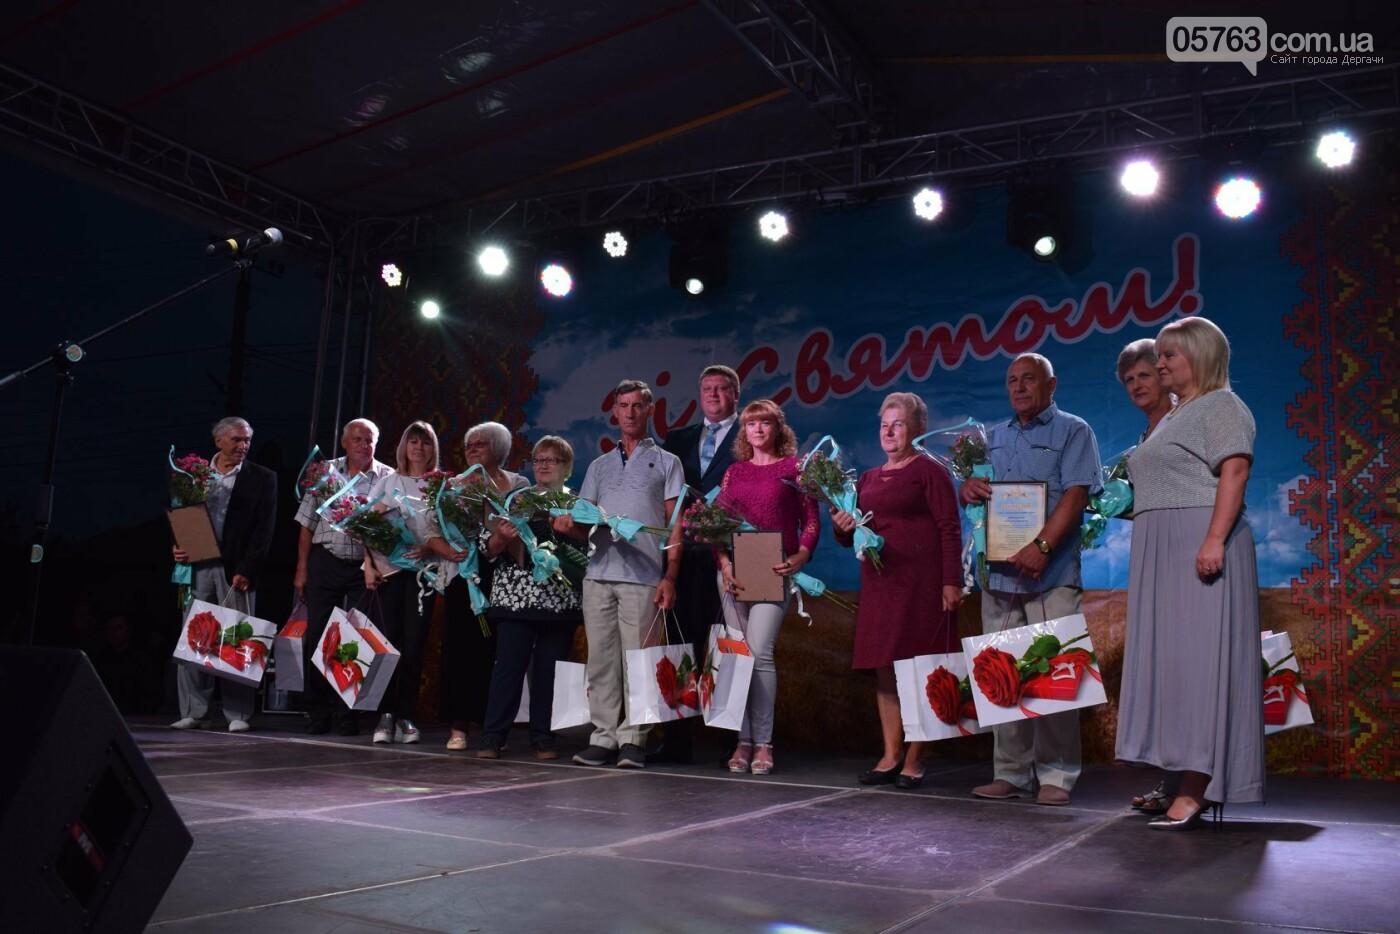 В Дергачах отметили День города, фото-1